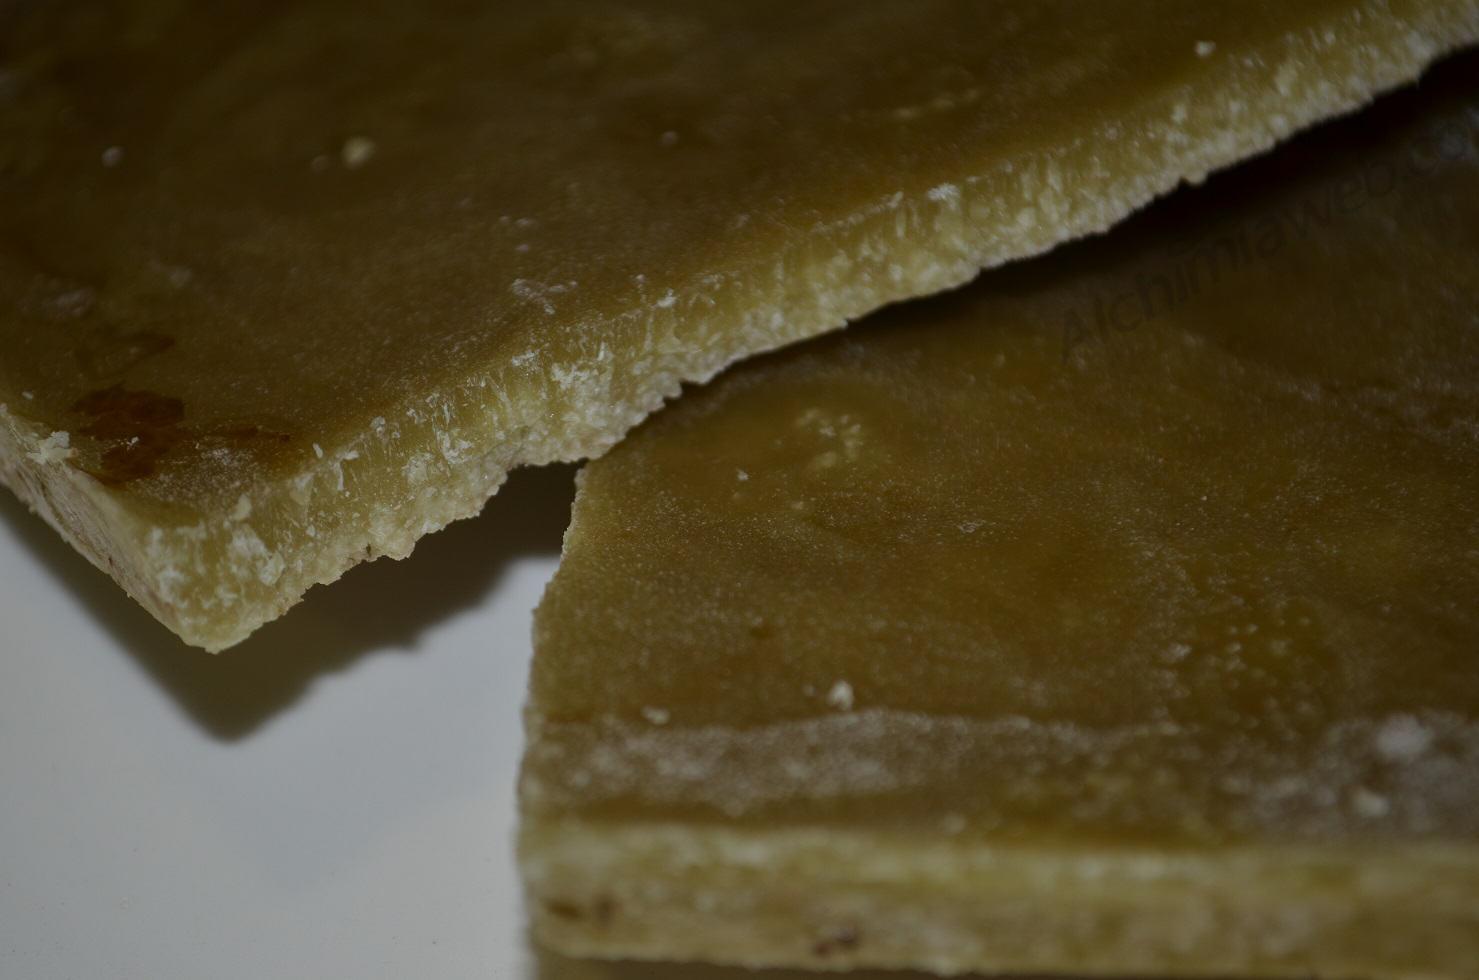 L'oli solidificat després del procés d'extracció dels cannabinoides